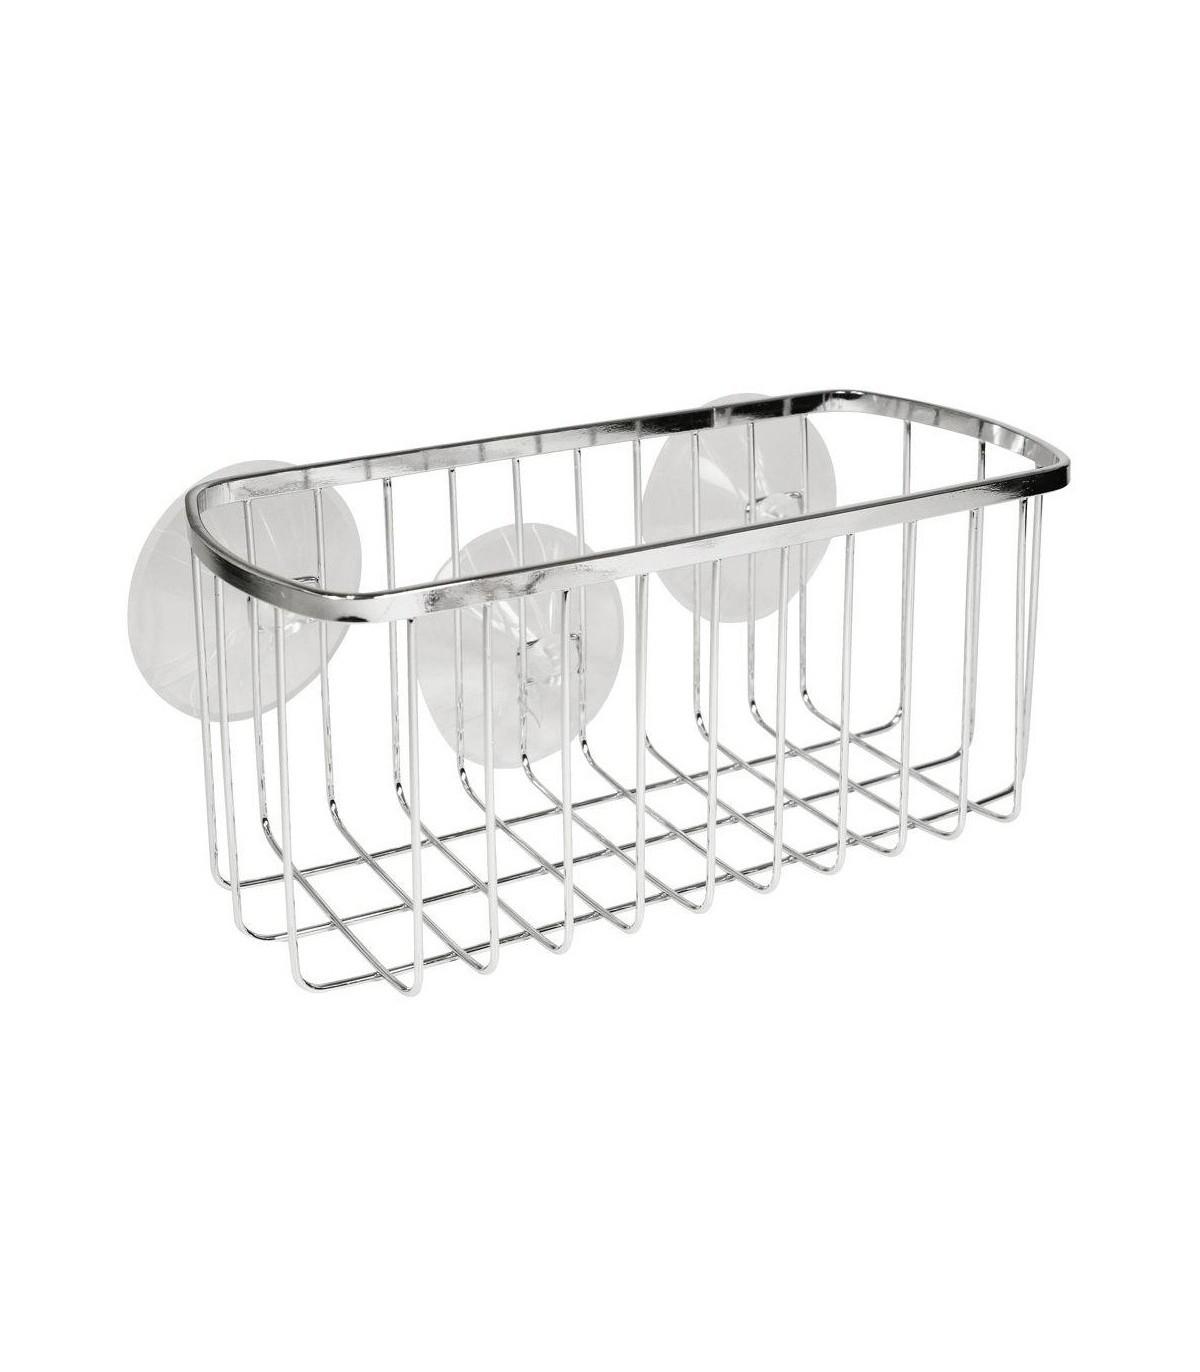 Panier rectangulaire de salle de bain avec ventouses - Argent